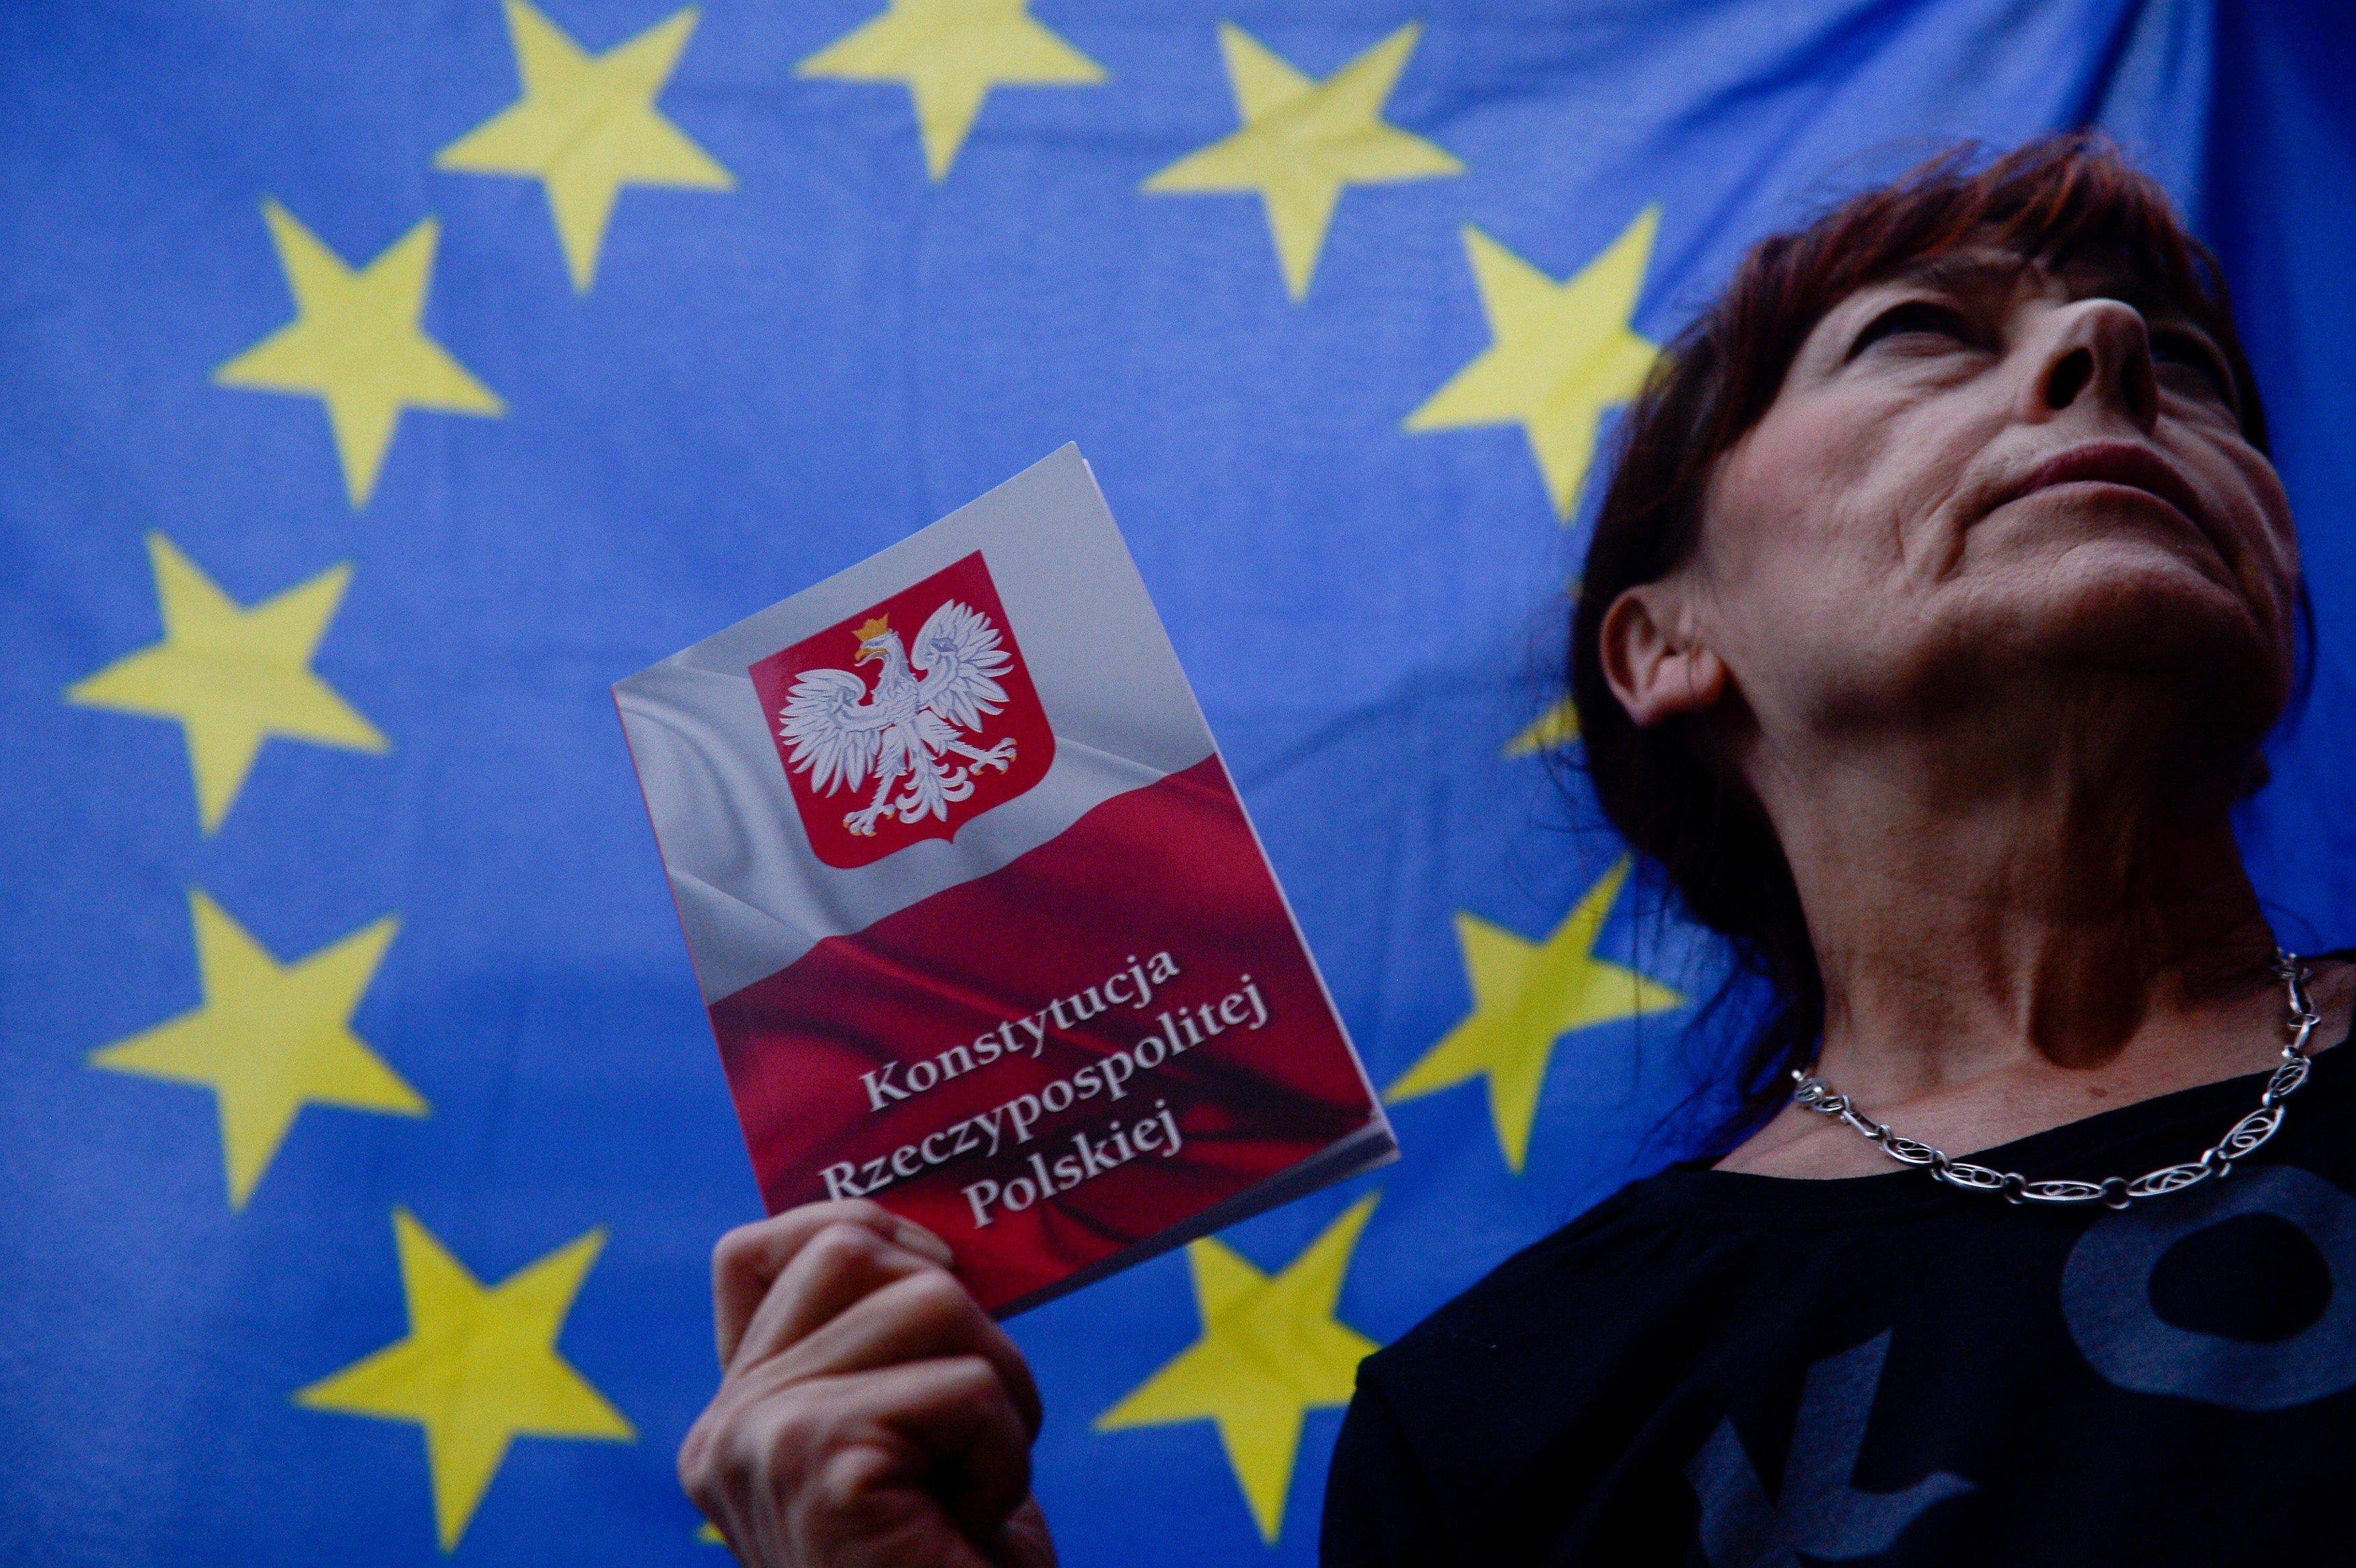 Žena s polskou ústavou